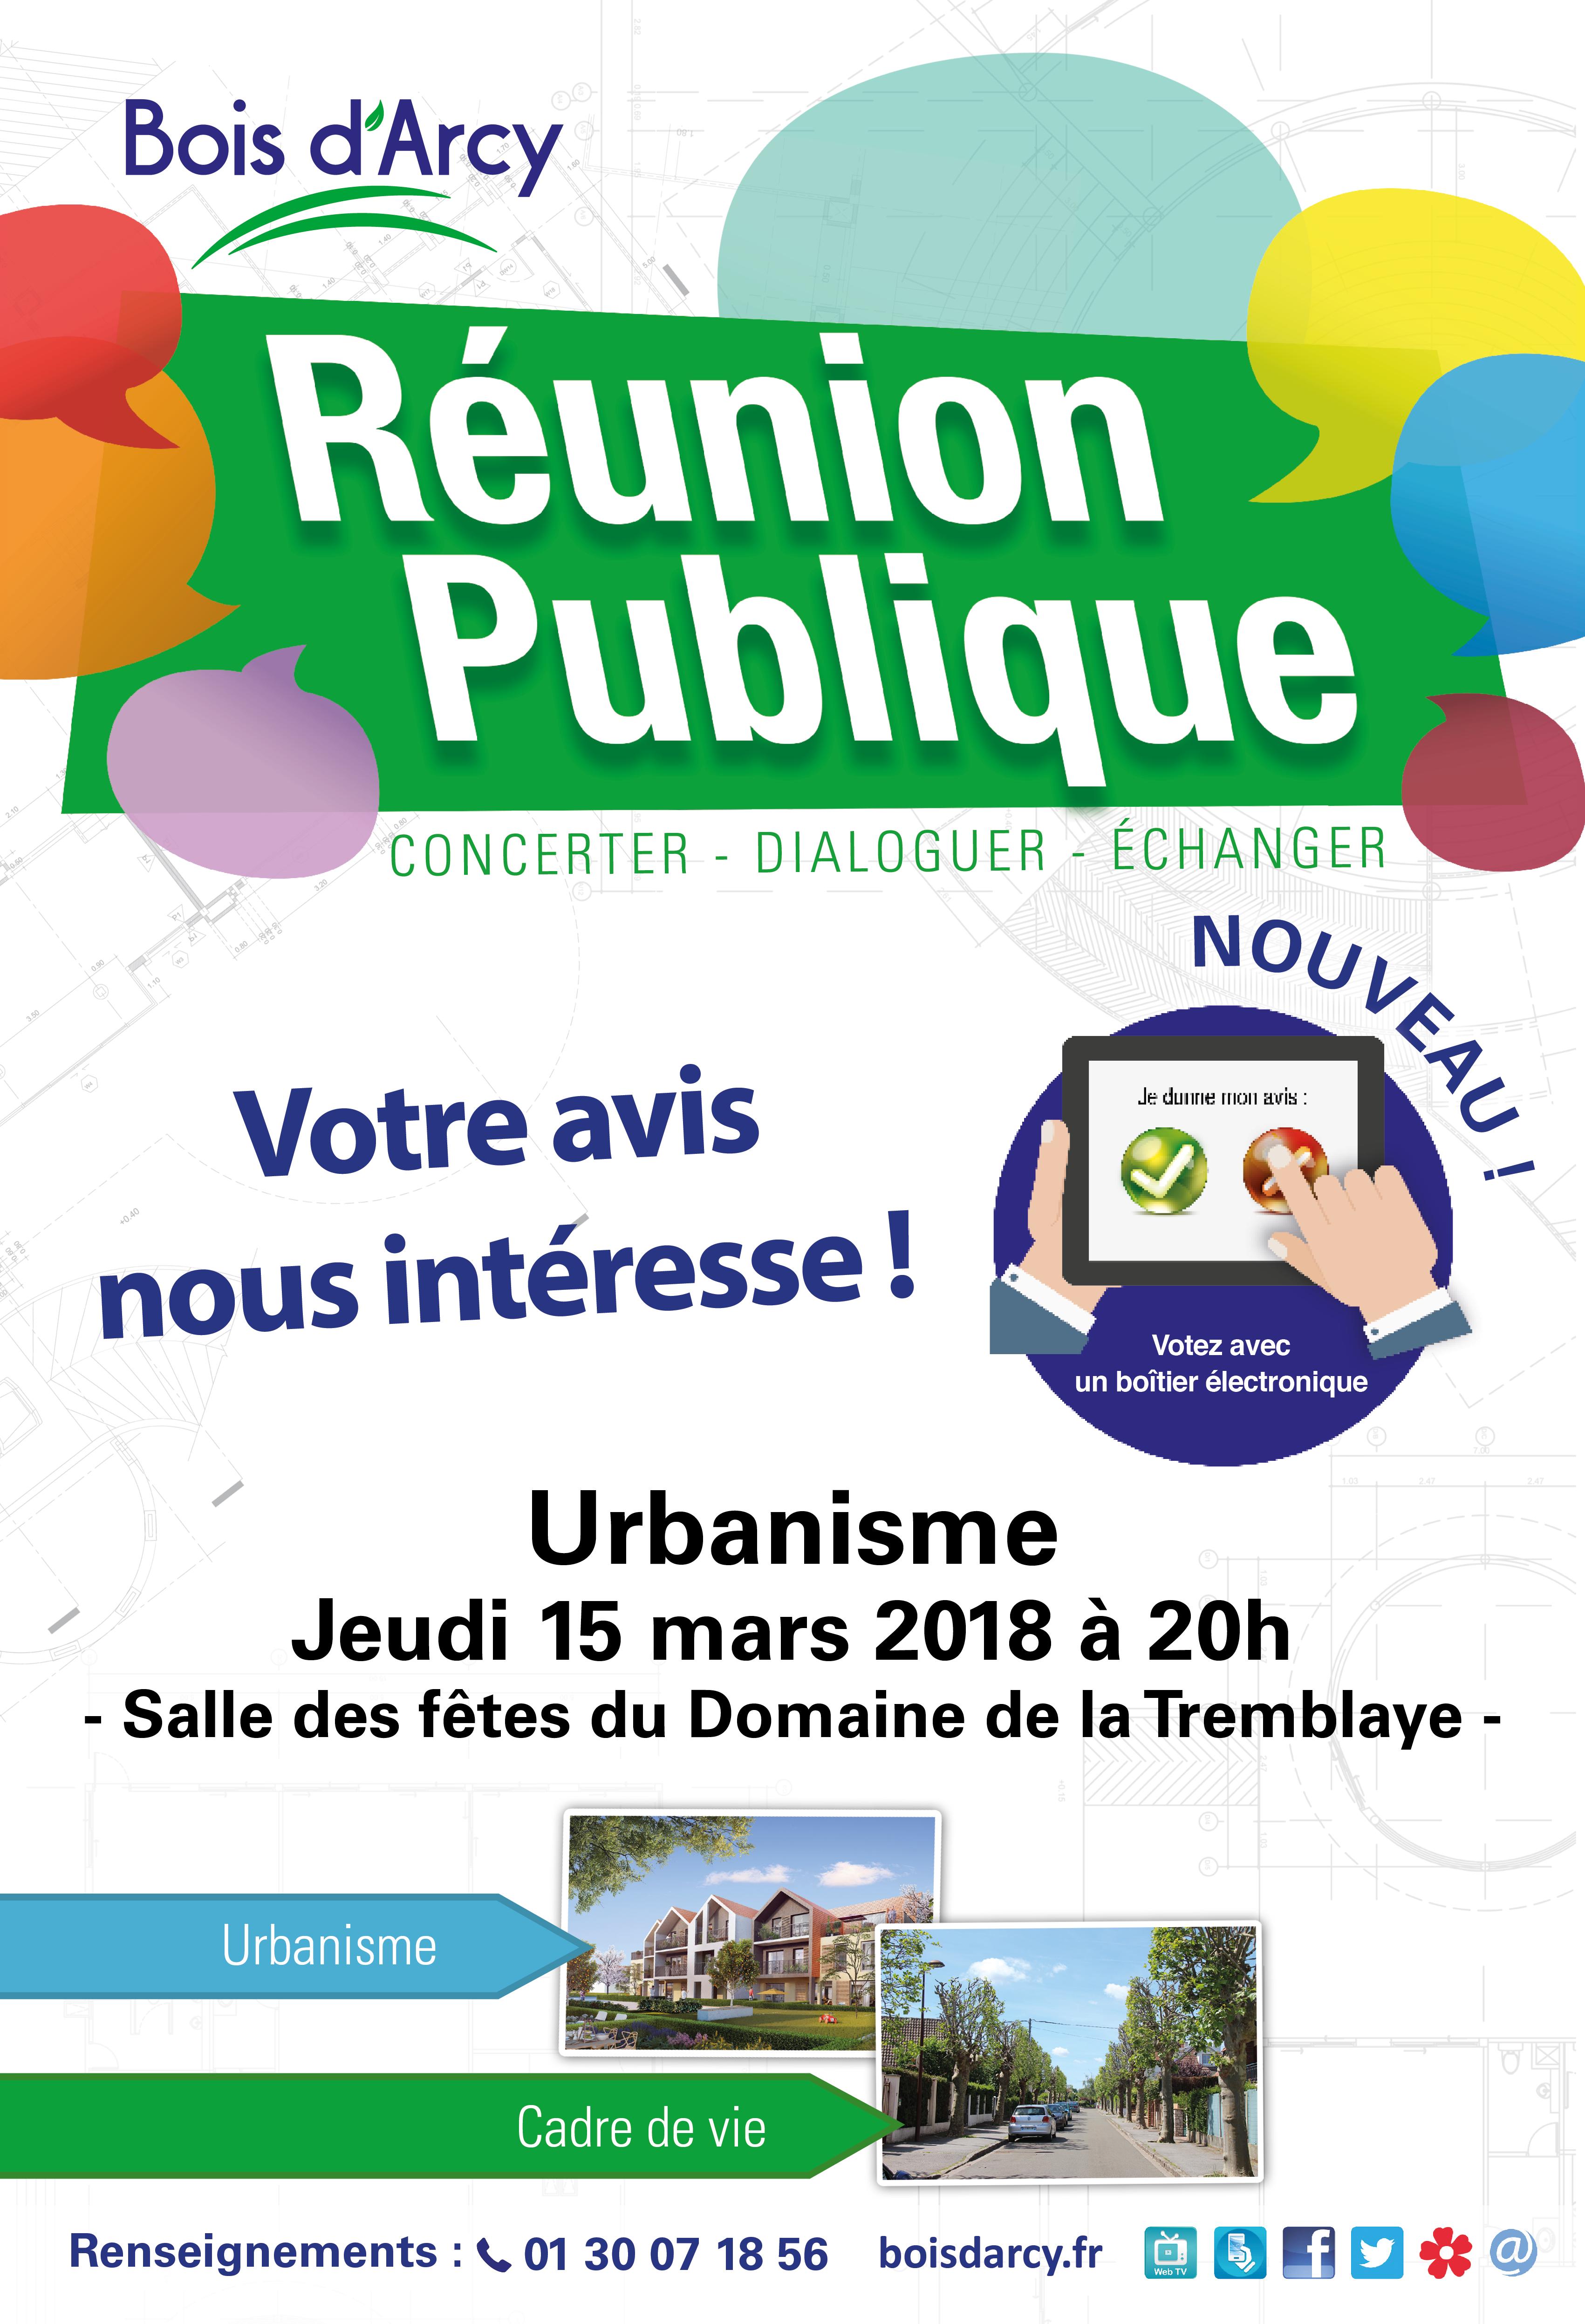 5ae35ad2949 La grande réunion publique de concertation sur l Urbanisme à Bois d Arcy a  eu lieu le jeudi 15 mars 2018. Les principales orientations de  développement et ...